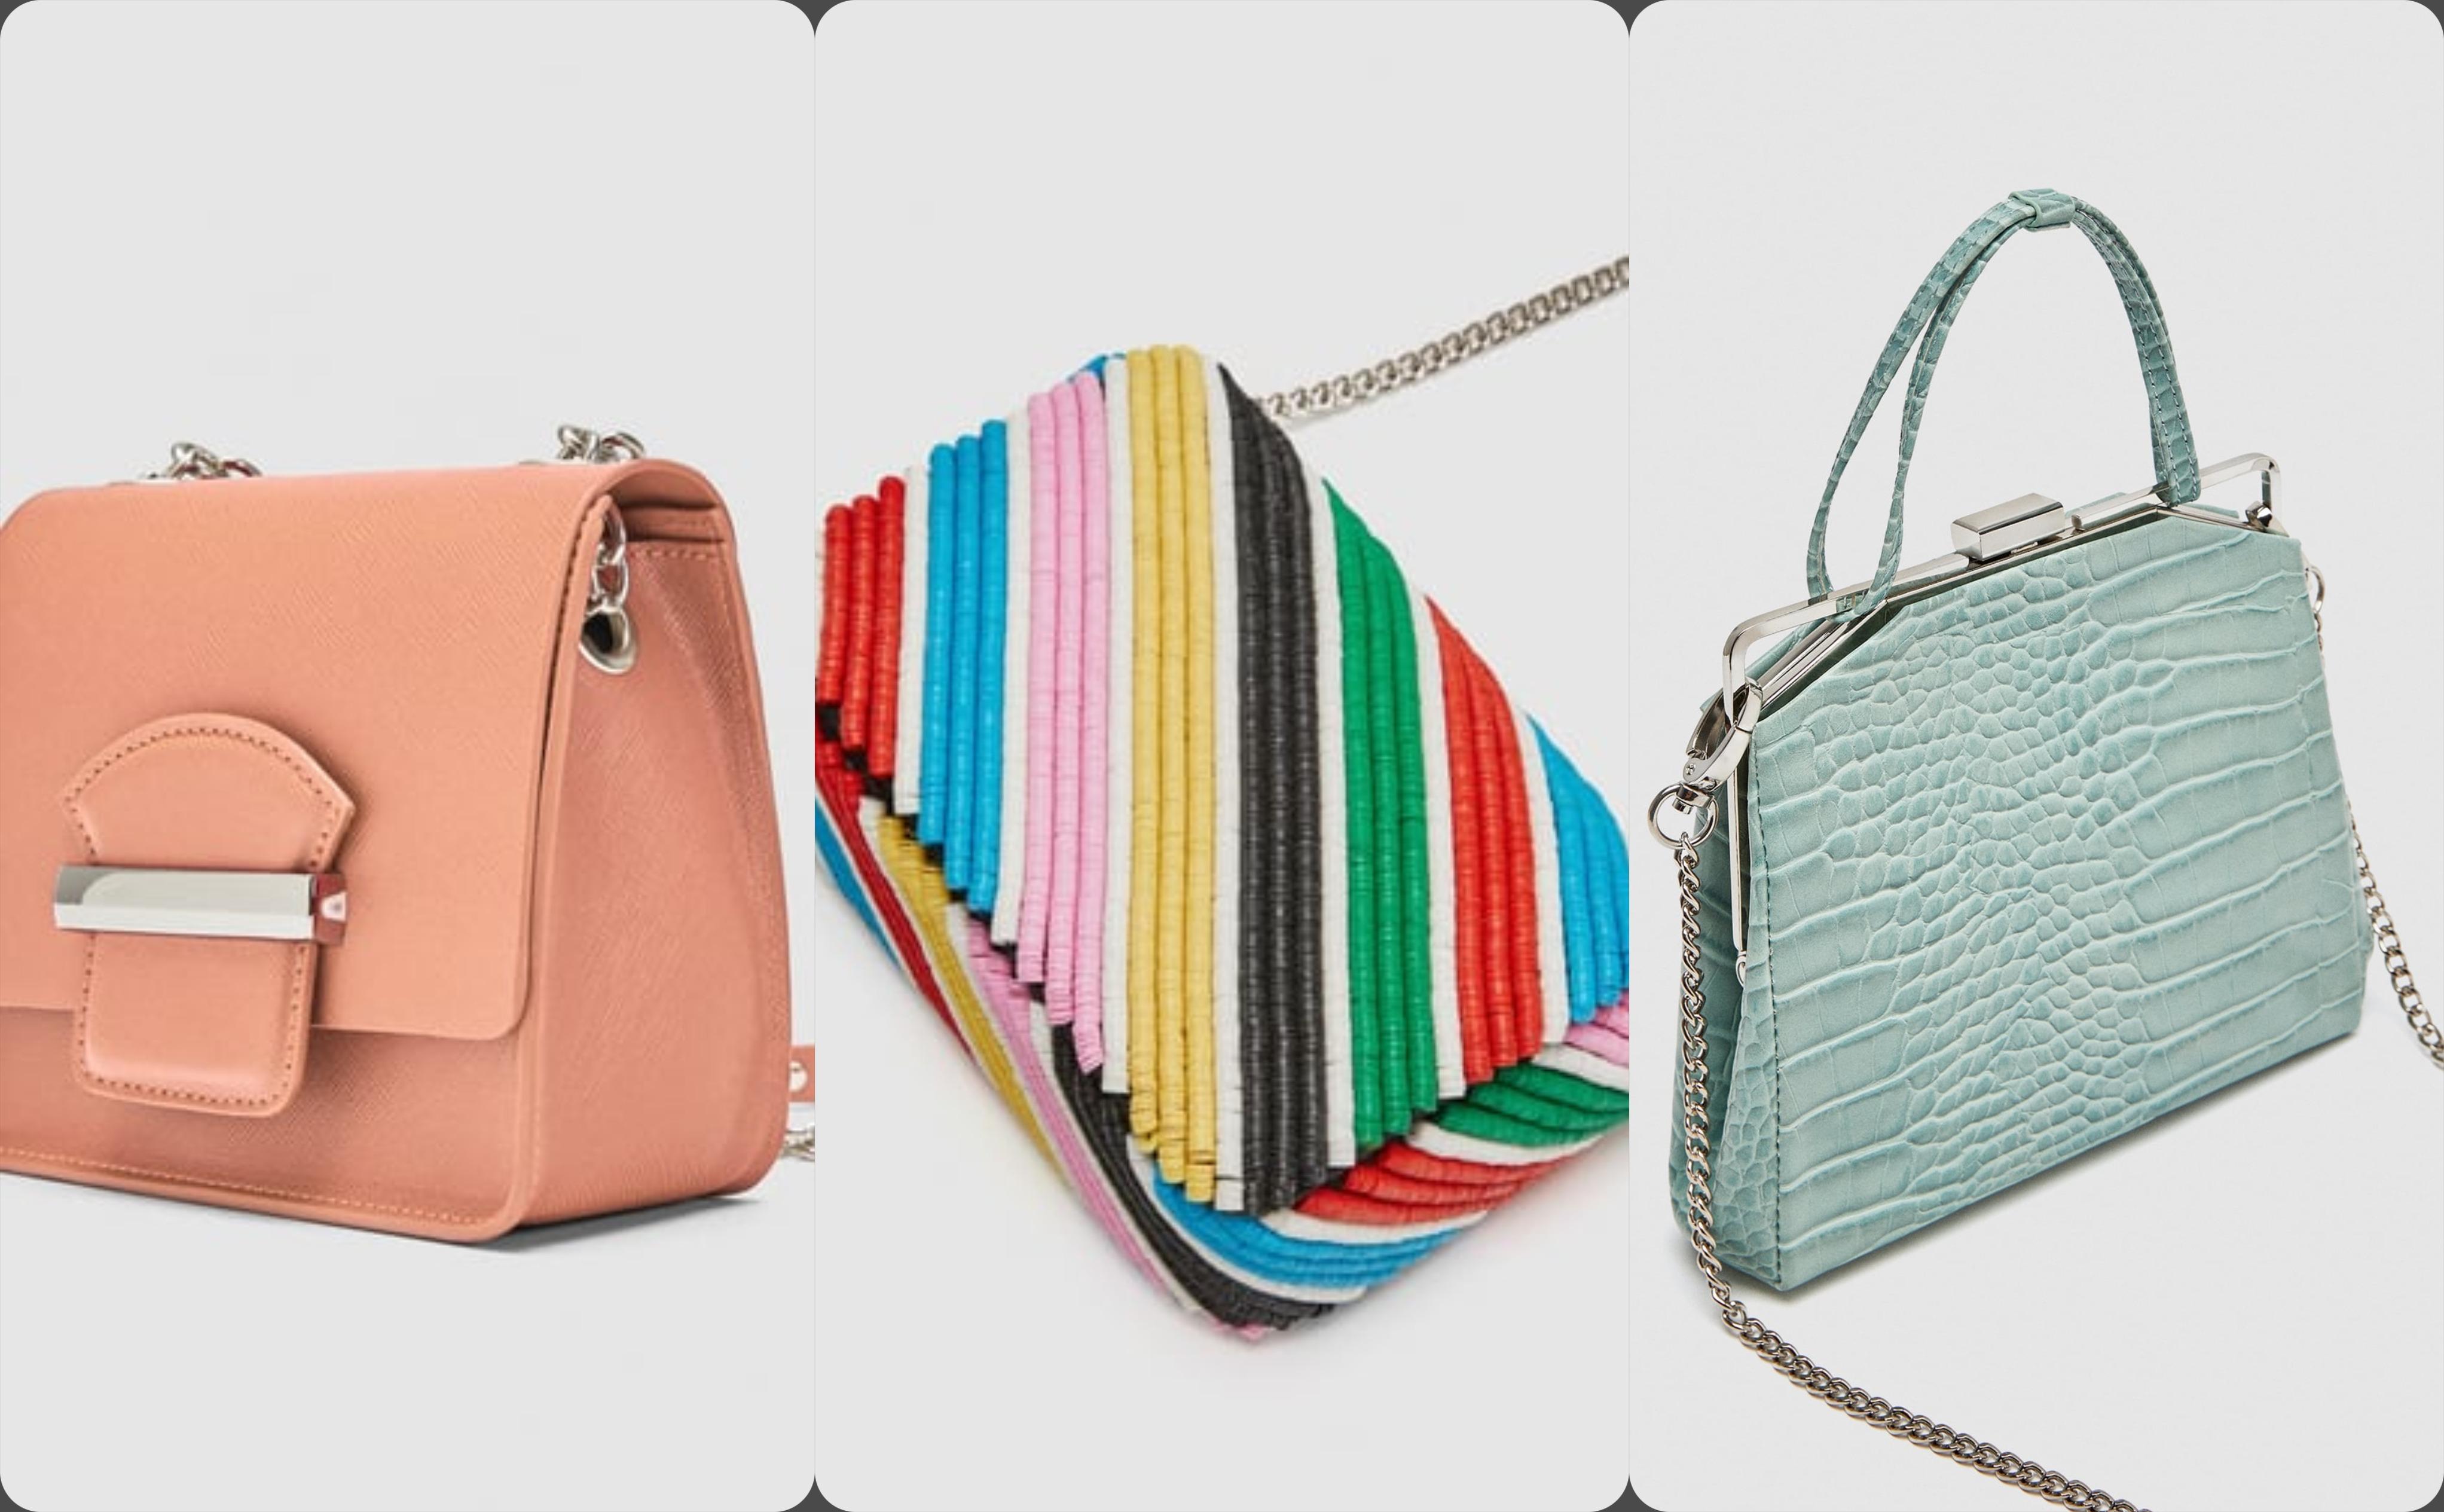 Najpoželjnije torbice iz Zare koje ćemo rado nositi ovog proljeća